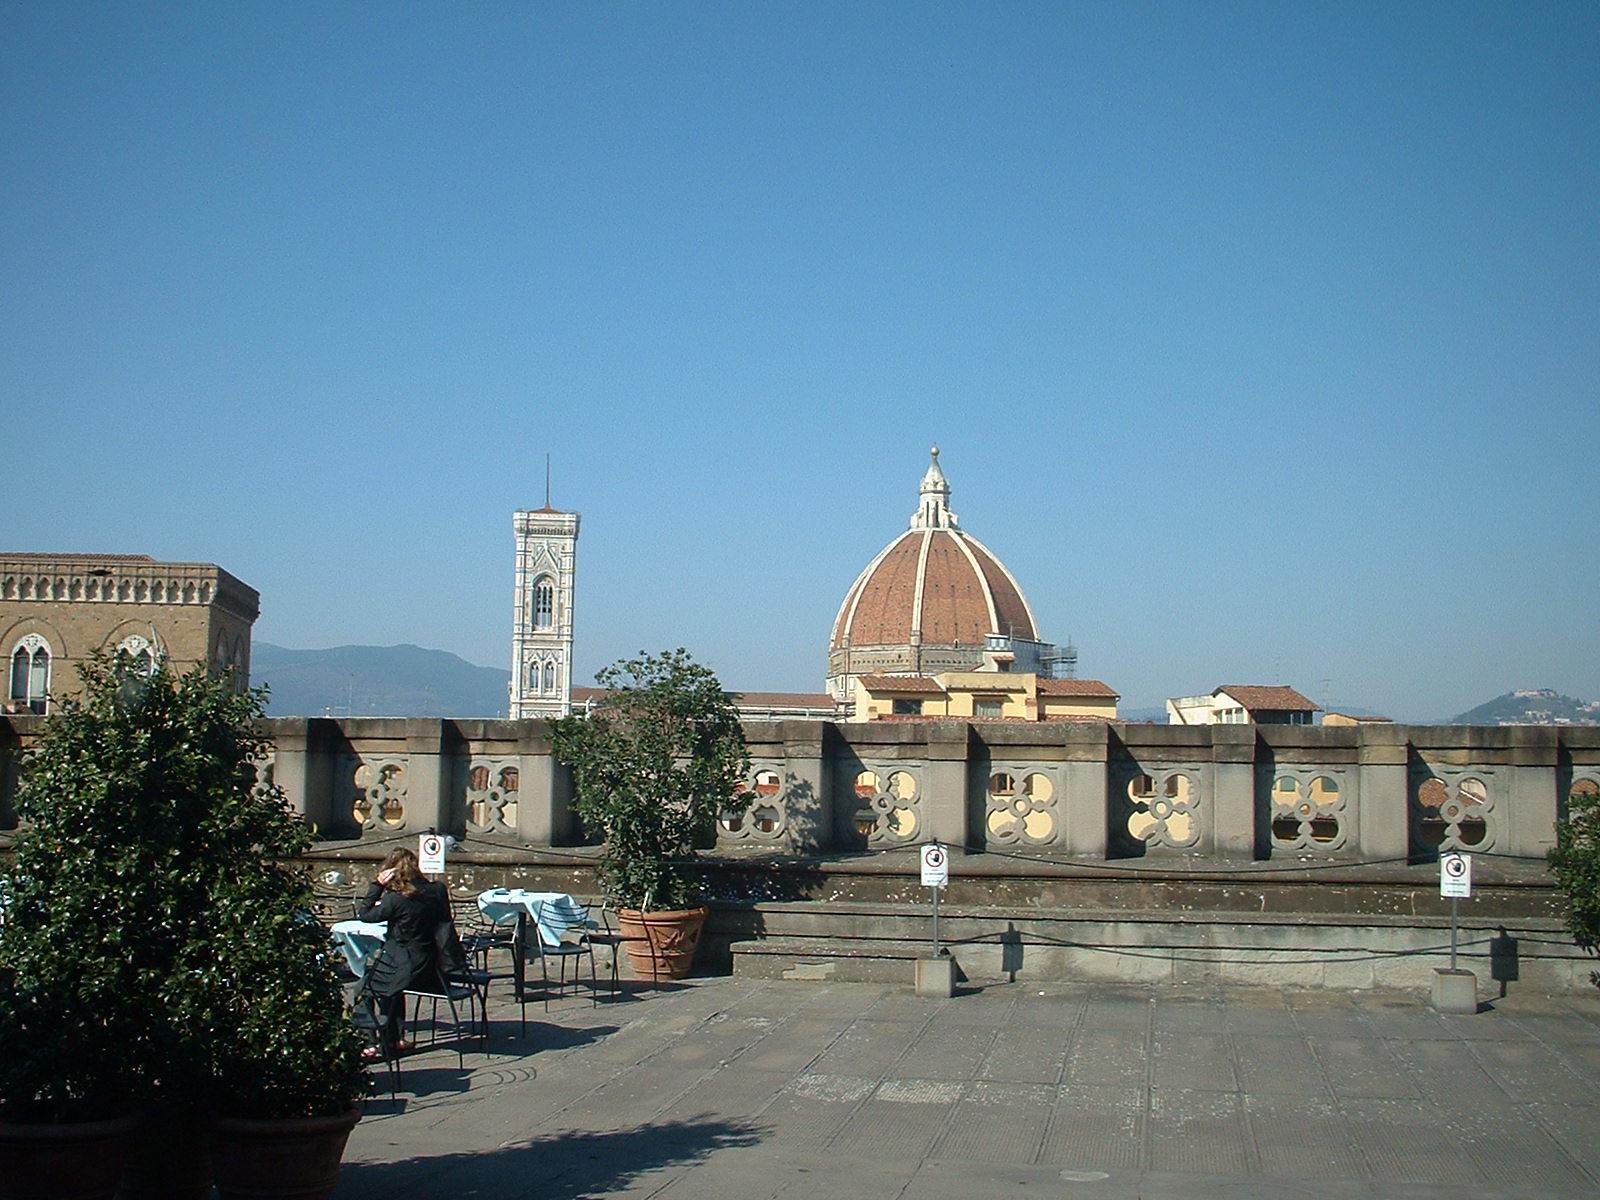 サンタ・マリア・デル・フィオーレ大聖堂の画像 p1_34